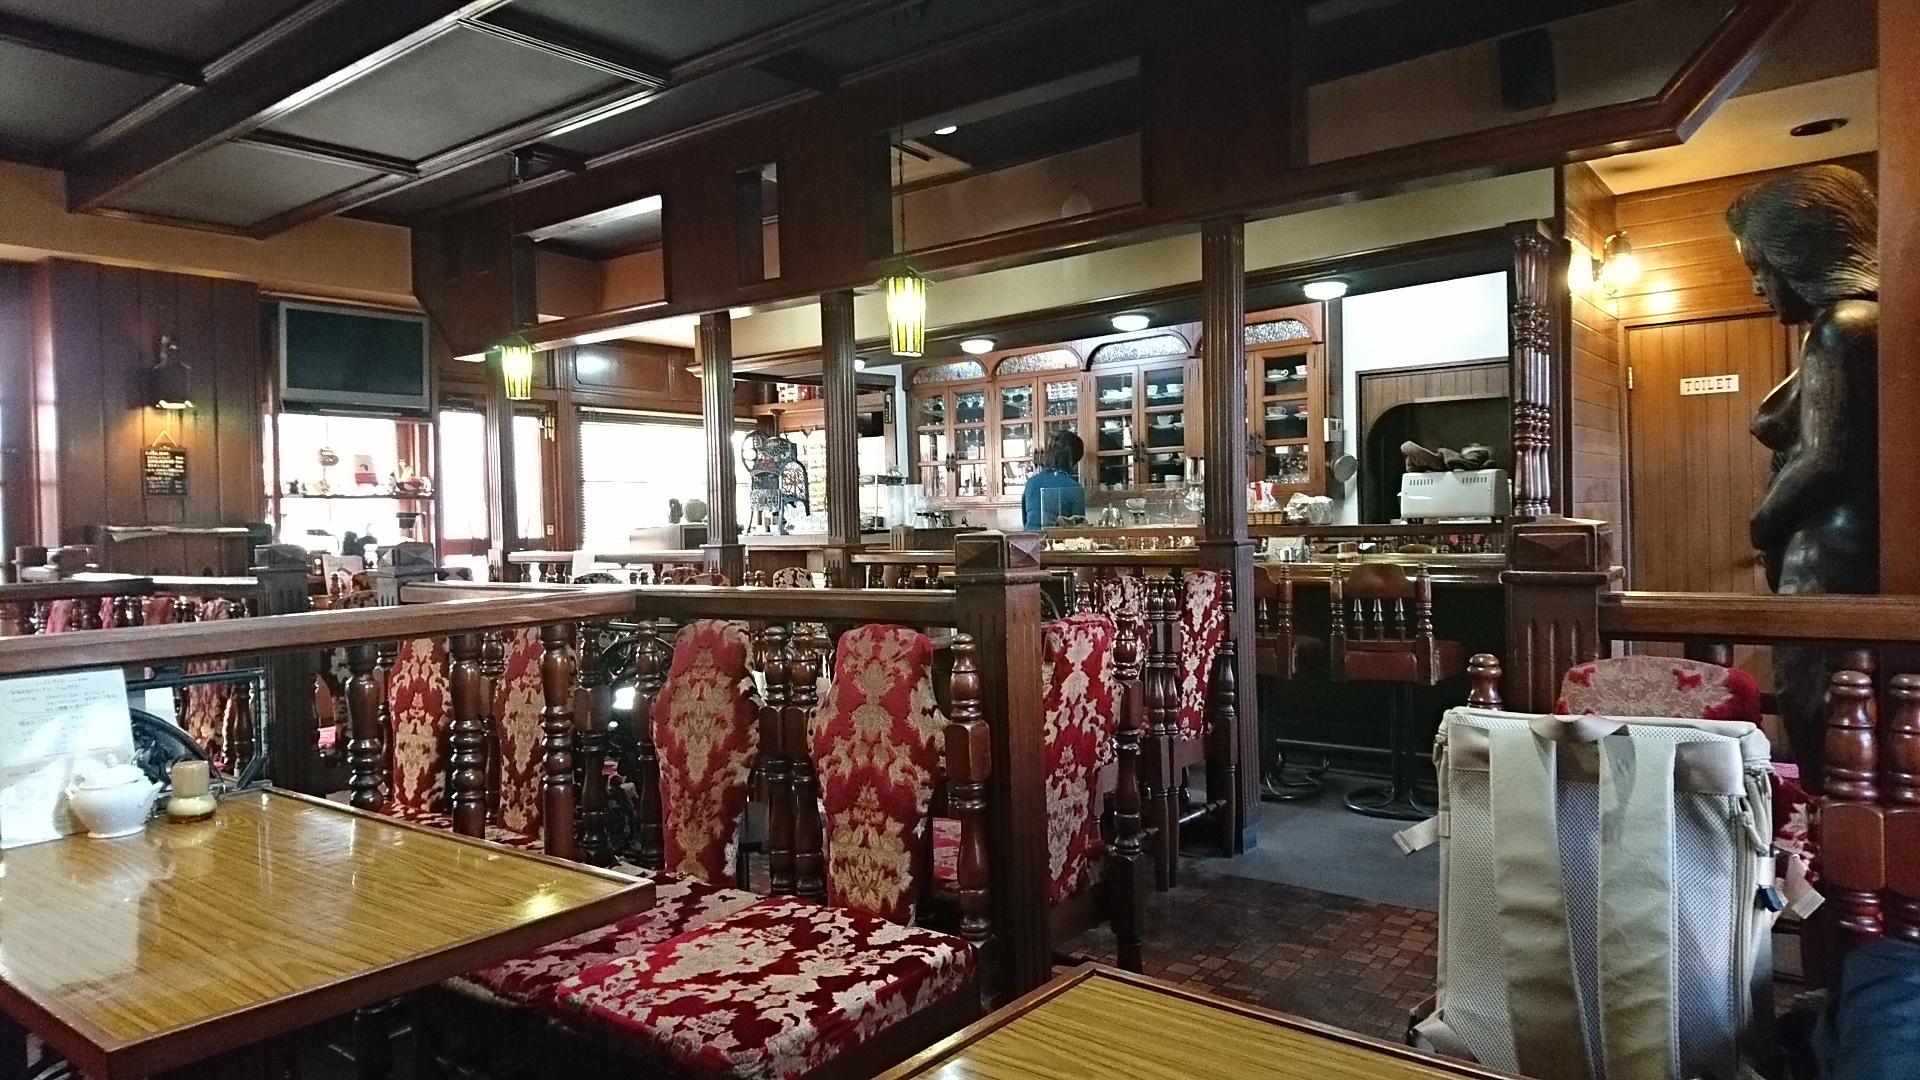 2016.12.9 豊橋 (10) 水上商店街 - ヒグラシ珈琲 1920-1080